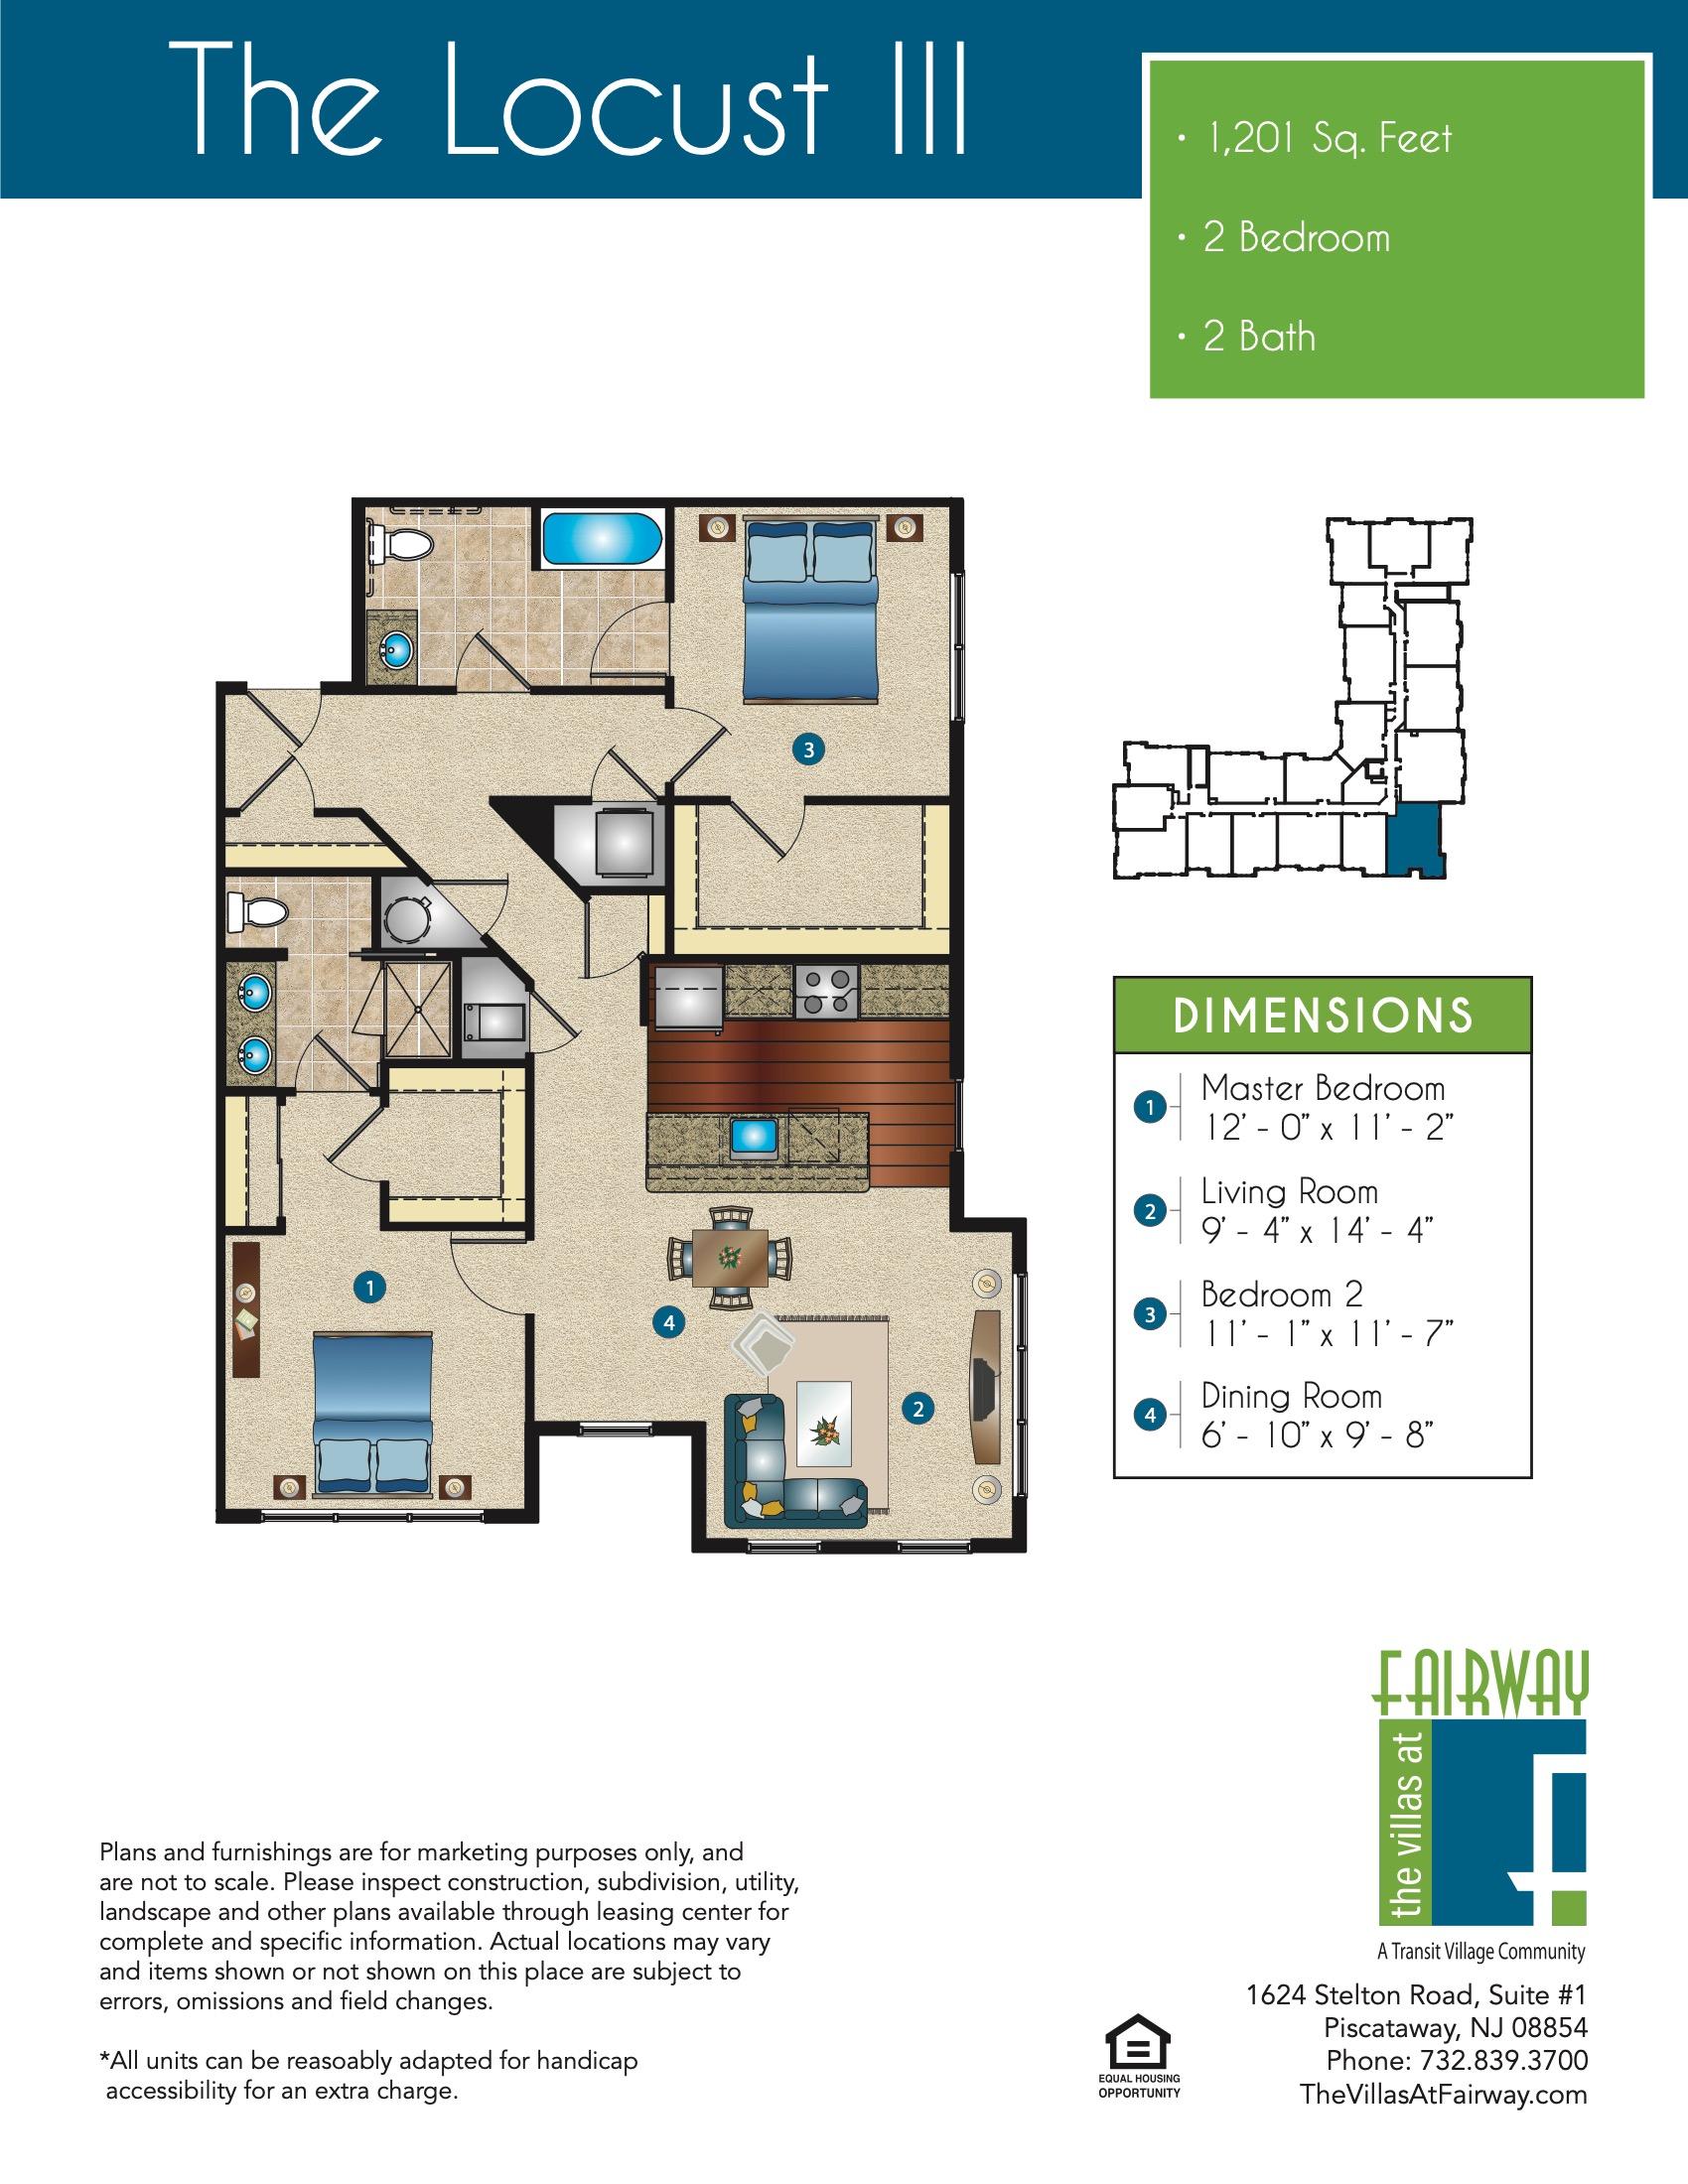 The Locust III Floor Plan